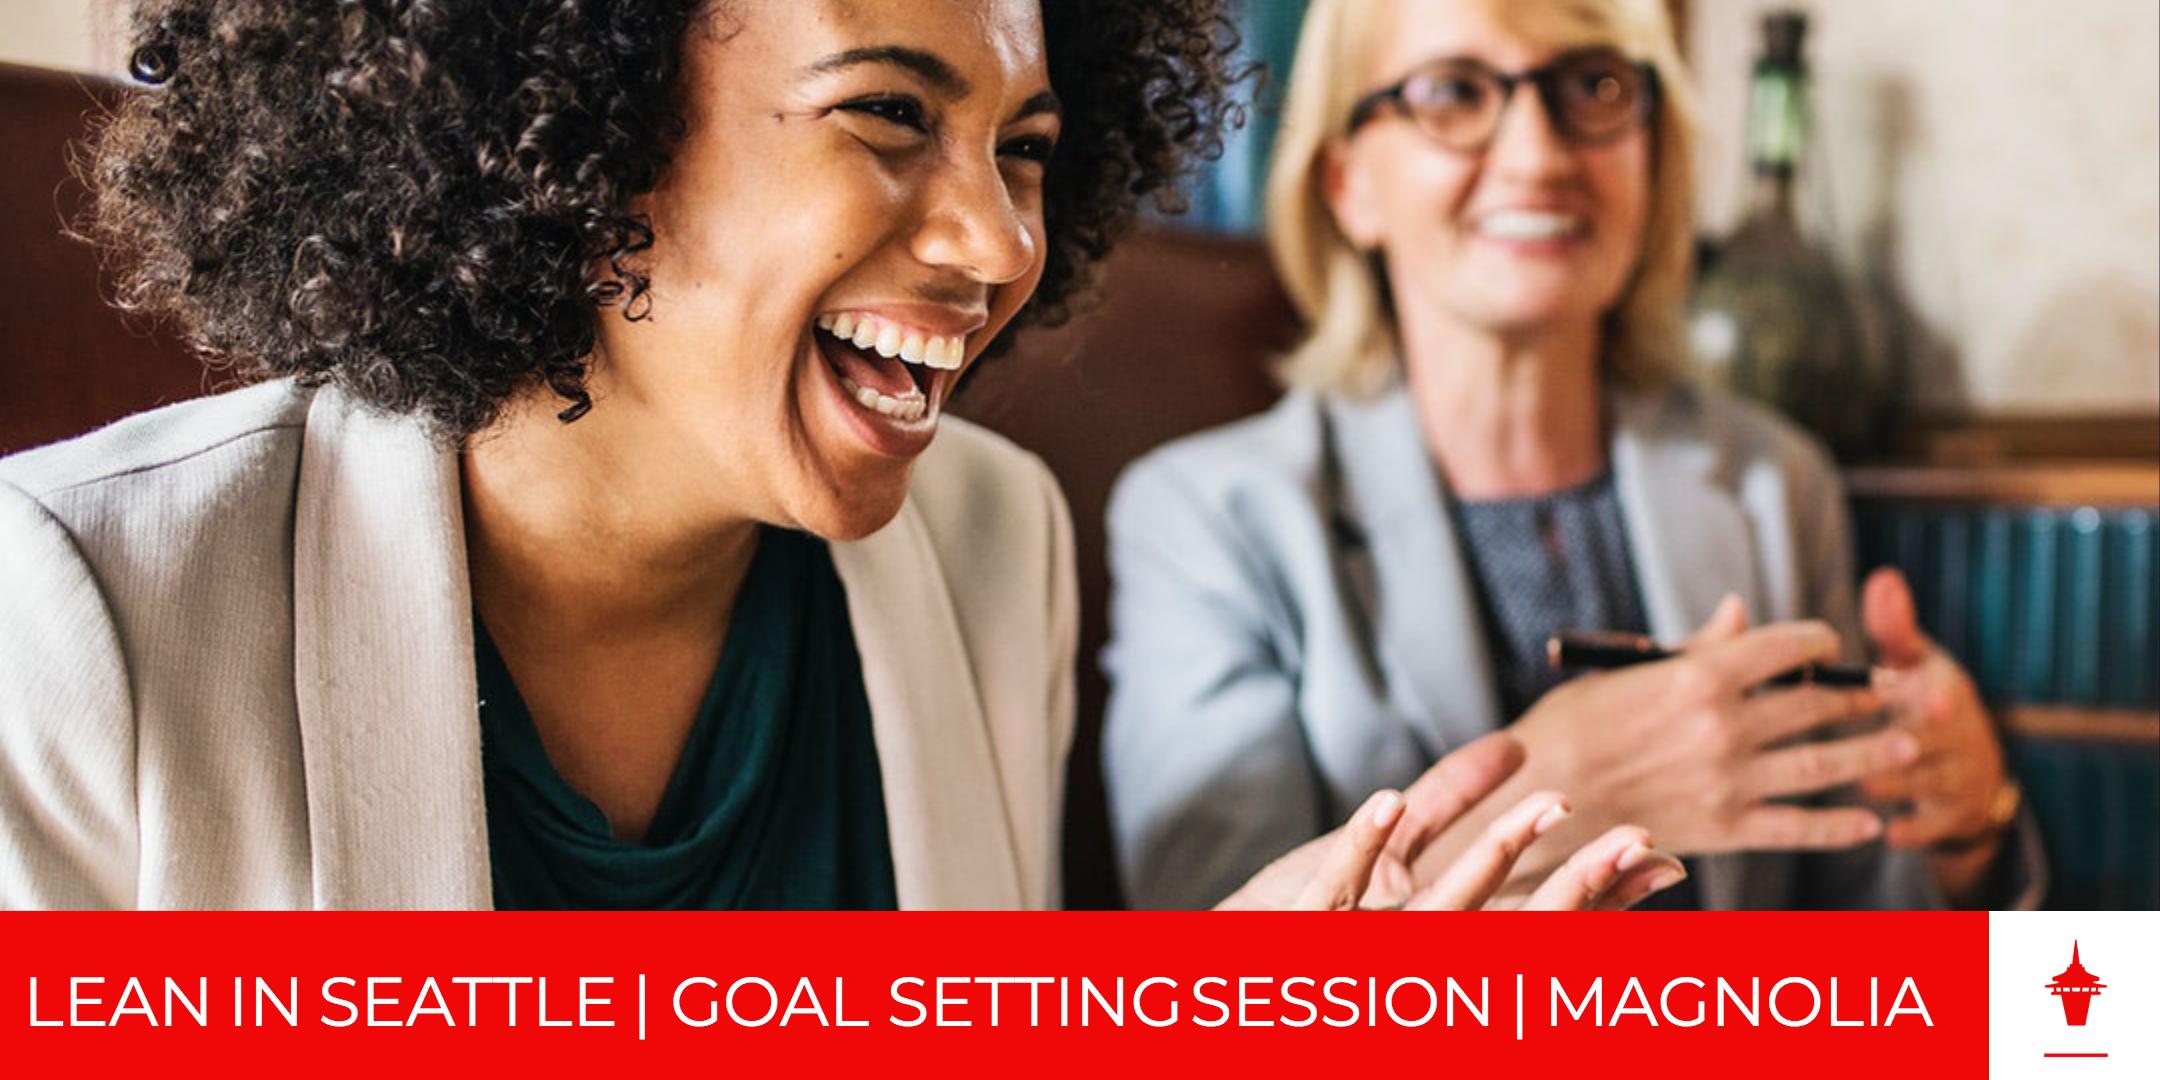 Goal Setting SessioN MAGNOLIA EBjpg.jpg